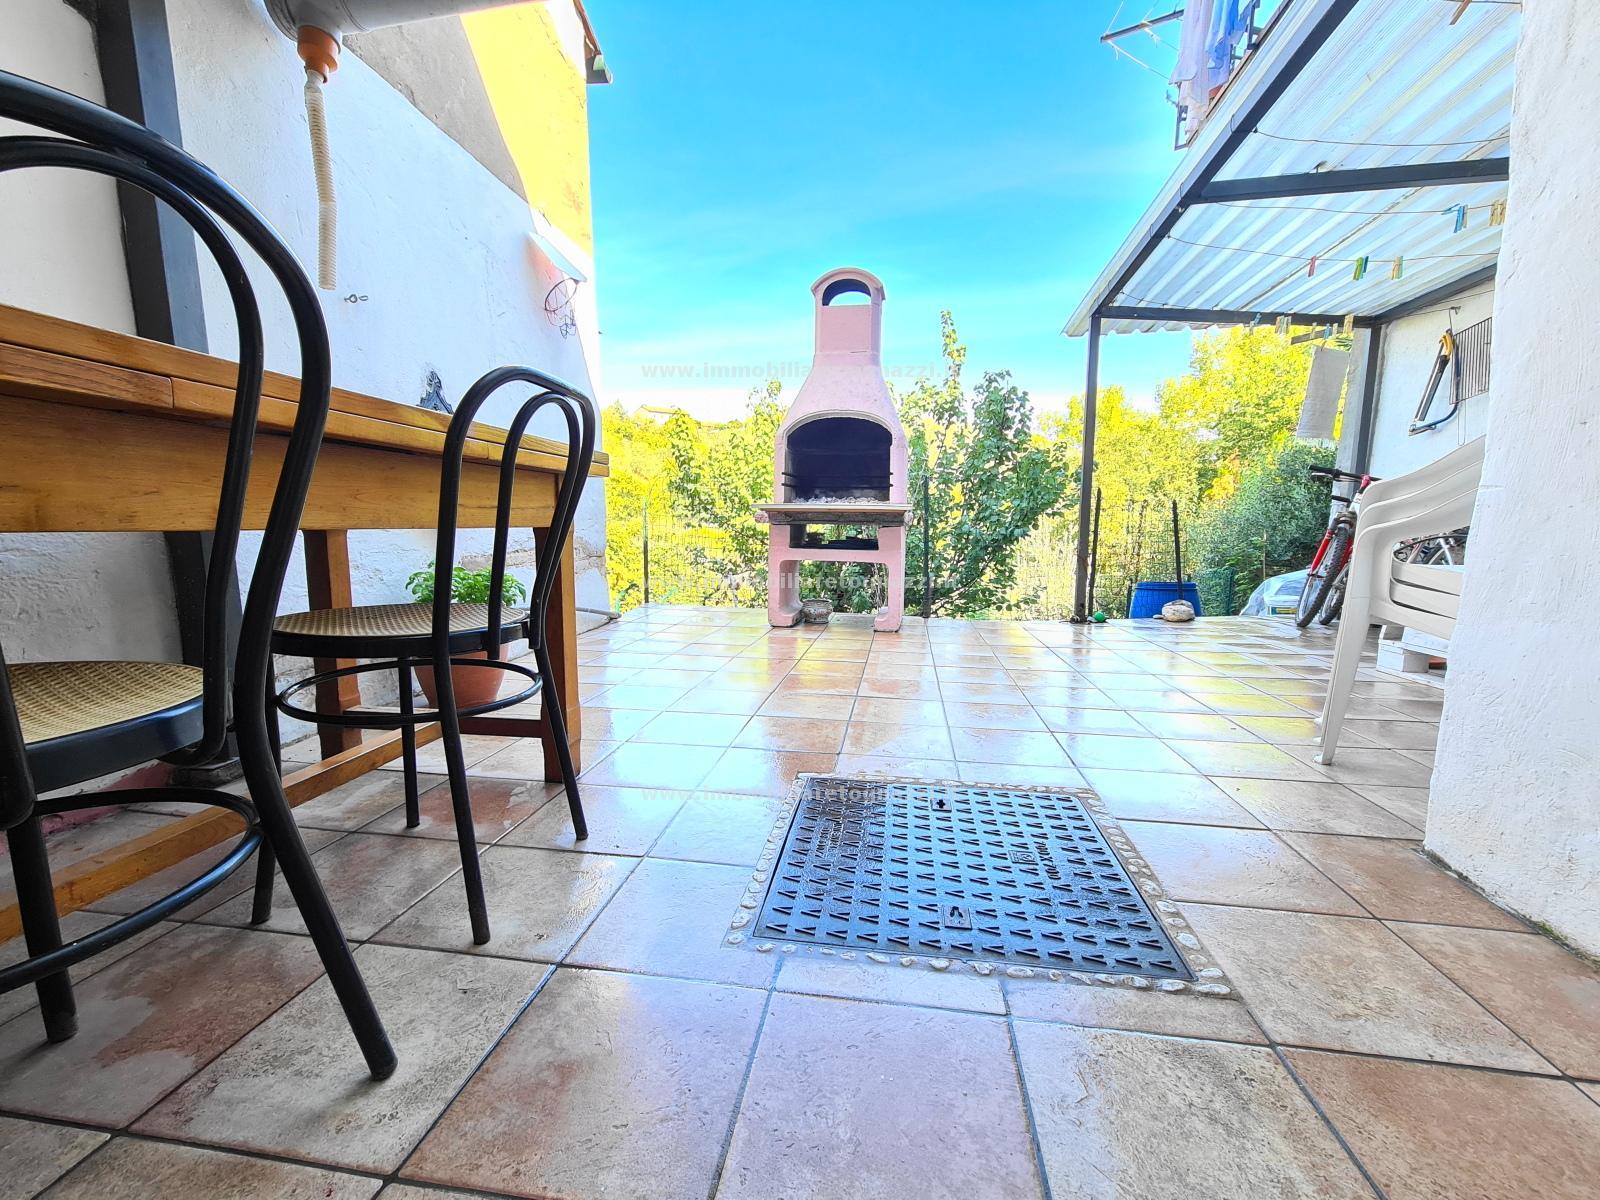 Appartamento in vendita a Certaldo, 5 locali, prezzo € 150.000 | PortaleAgenzieImmobiliari.it